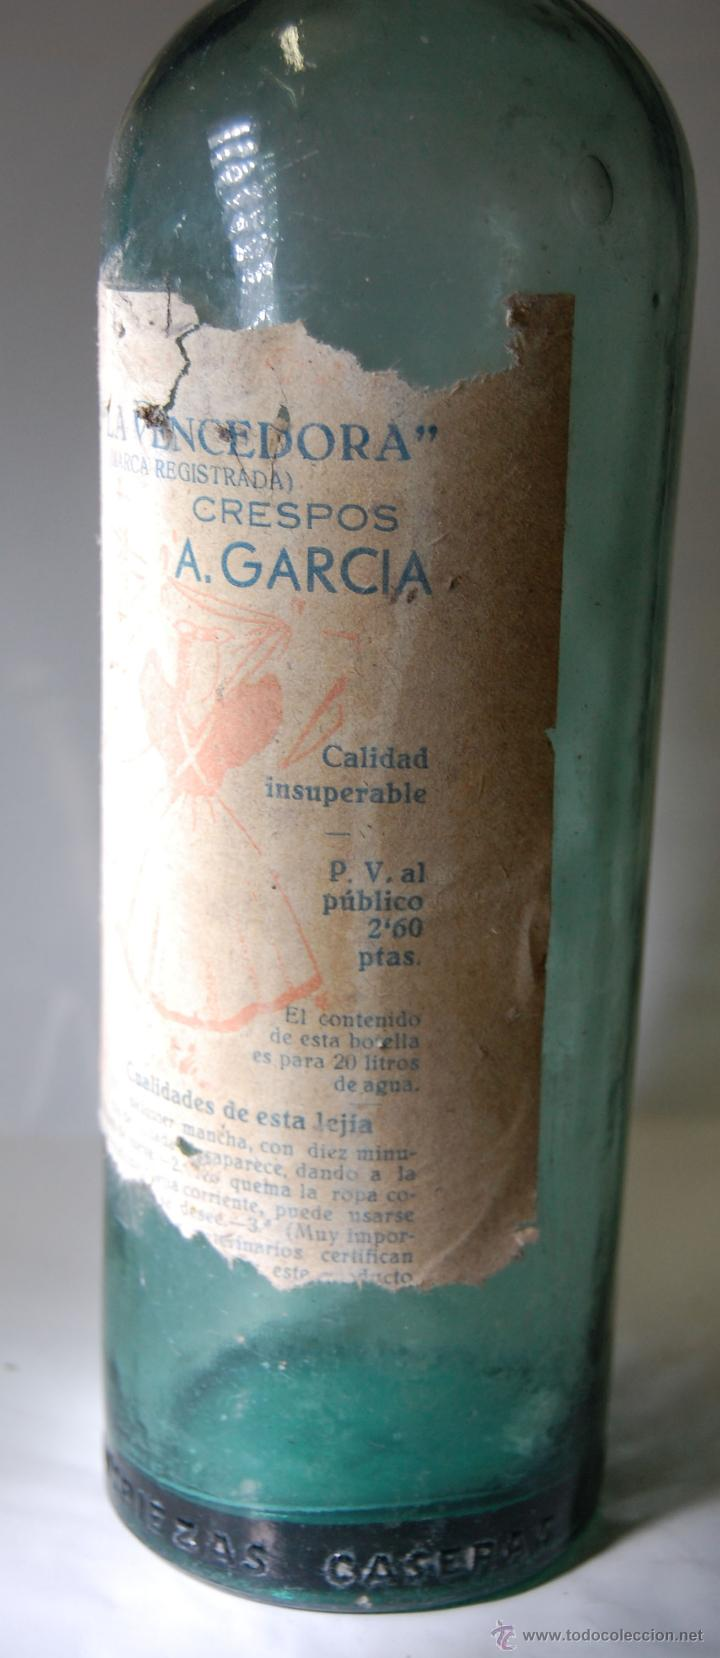 Botellas antiguas: BOTELLA DE LEJÍA LA VENCEDORA CRESPOSA A. GARCÍA // AÑOS 40 - Foto 2 - 51710568